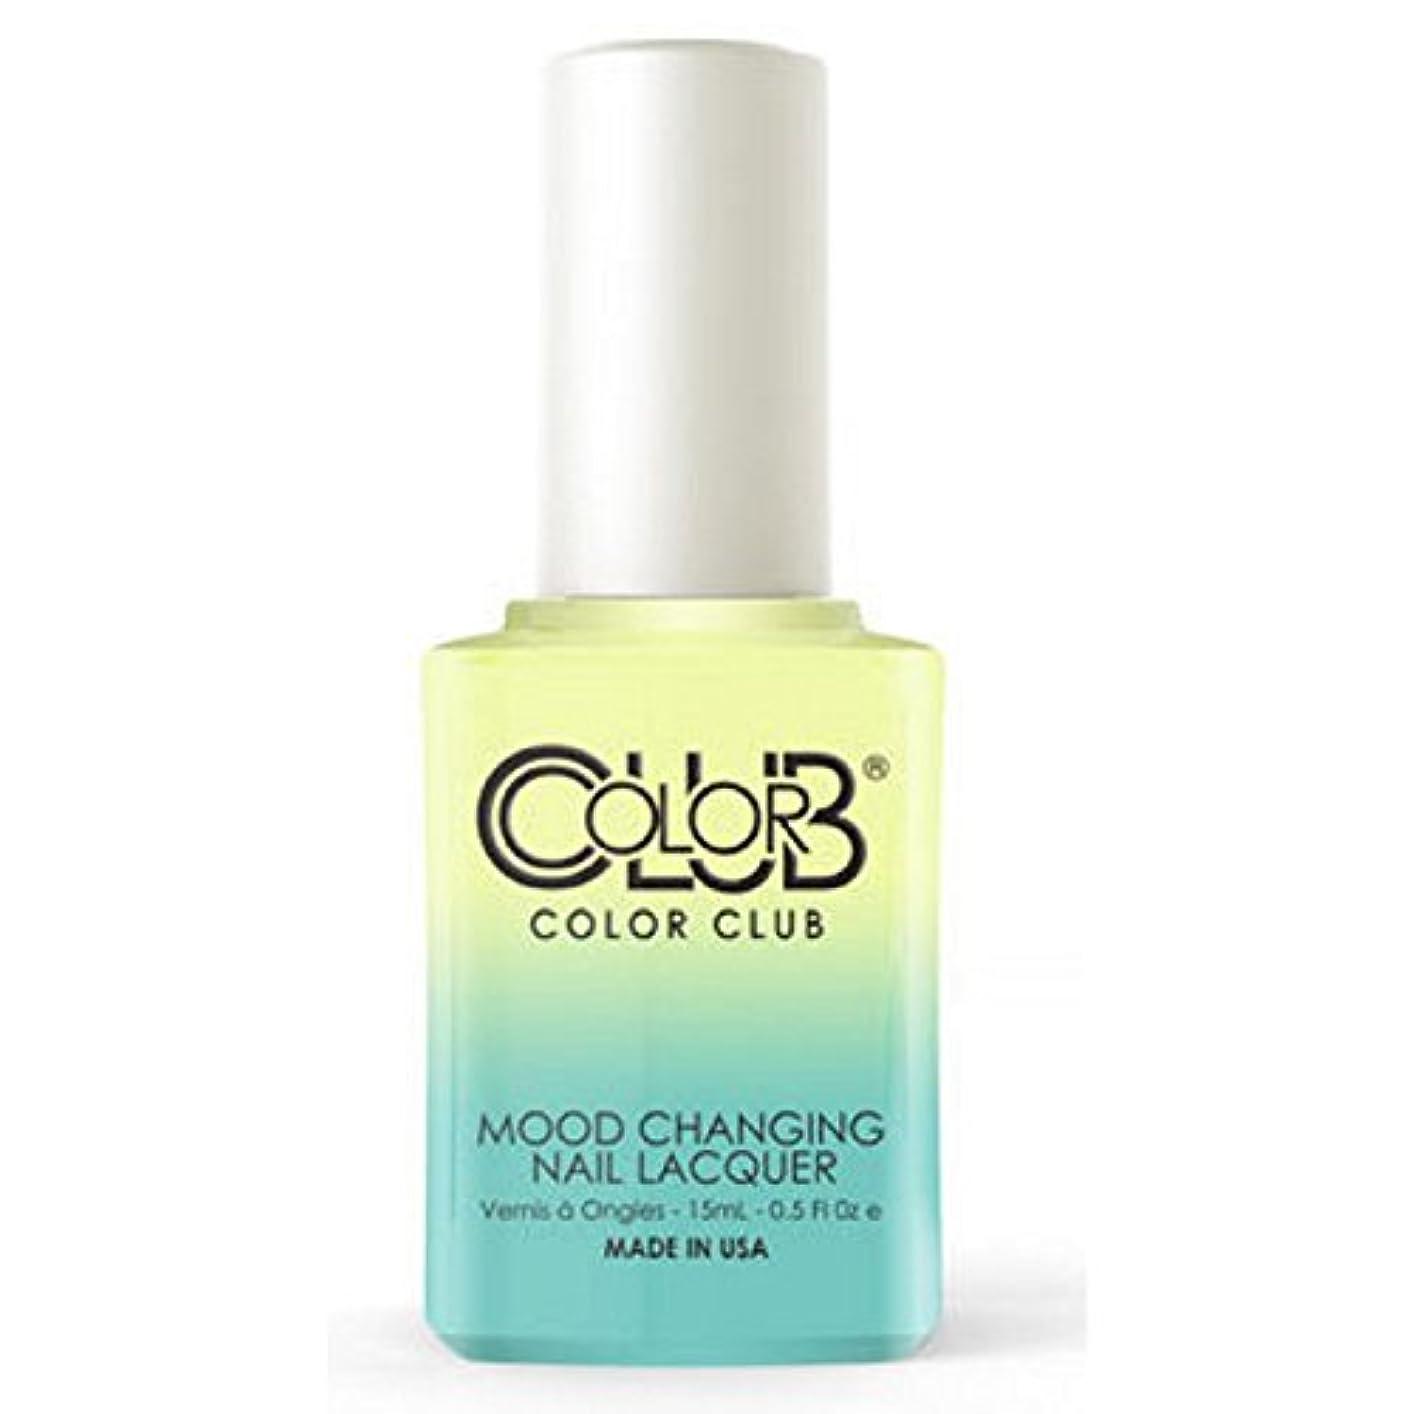 不平を言うアストロラーベリゾートColor Club Mood Changing Nail Lacquer - Shine Theory - 15 mL / 0.5 fl oz